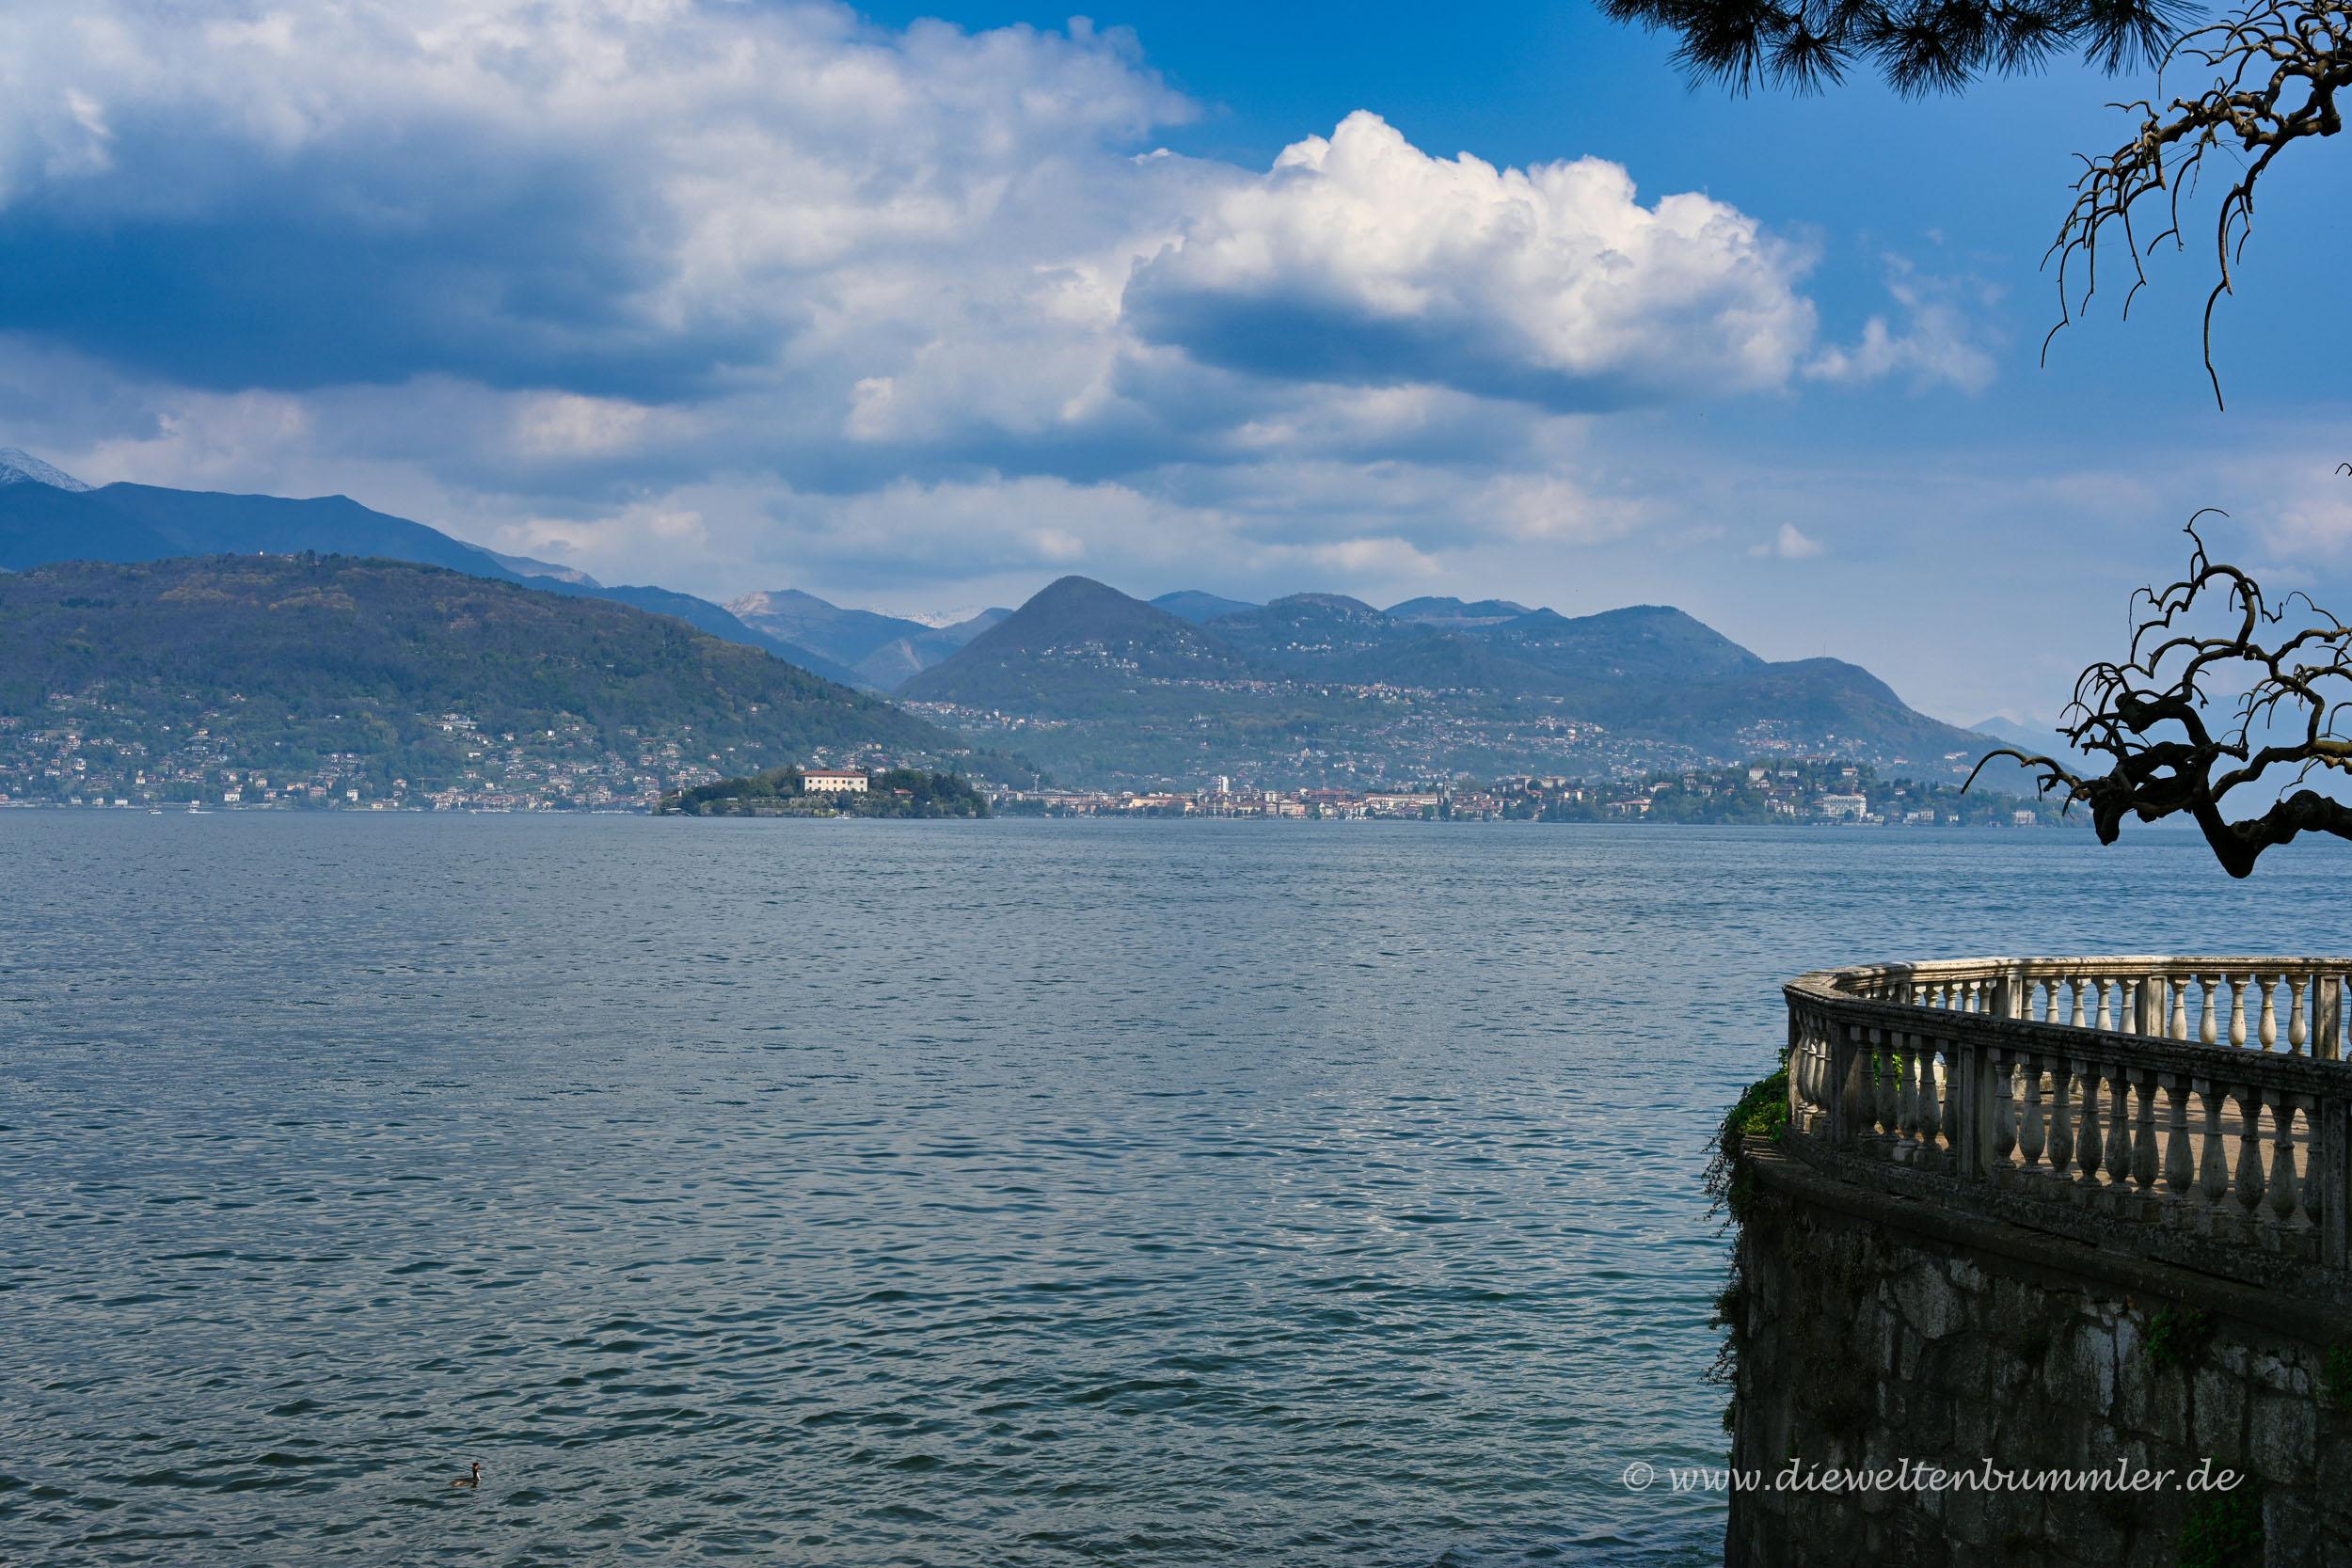 Alpen am Lago Maggiore